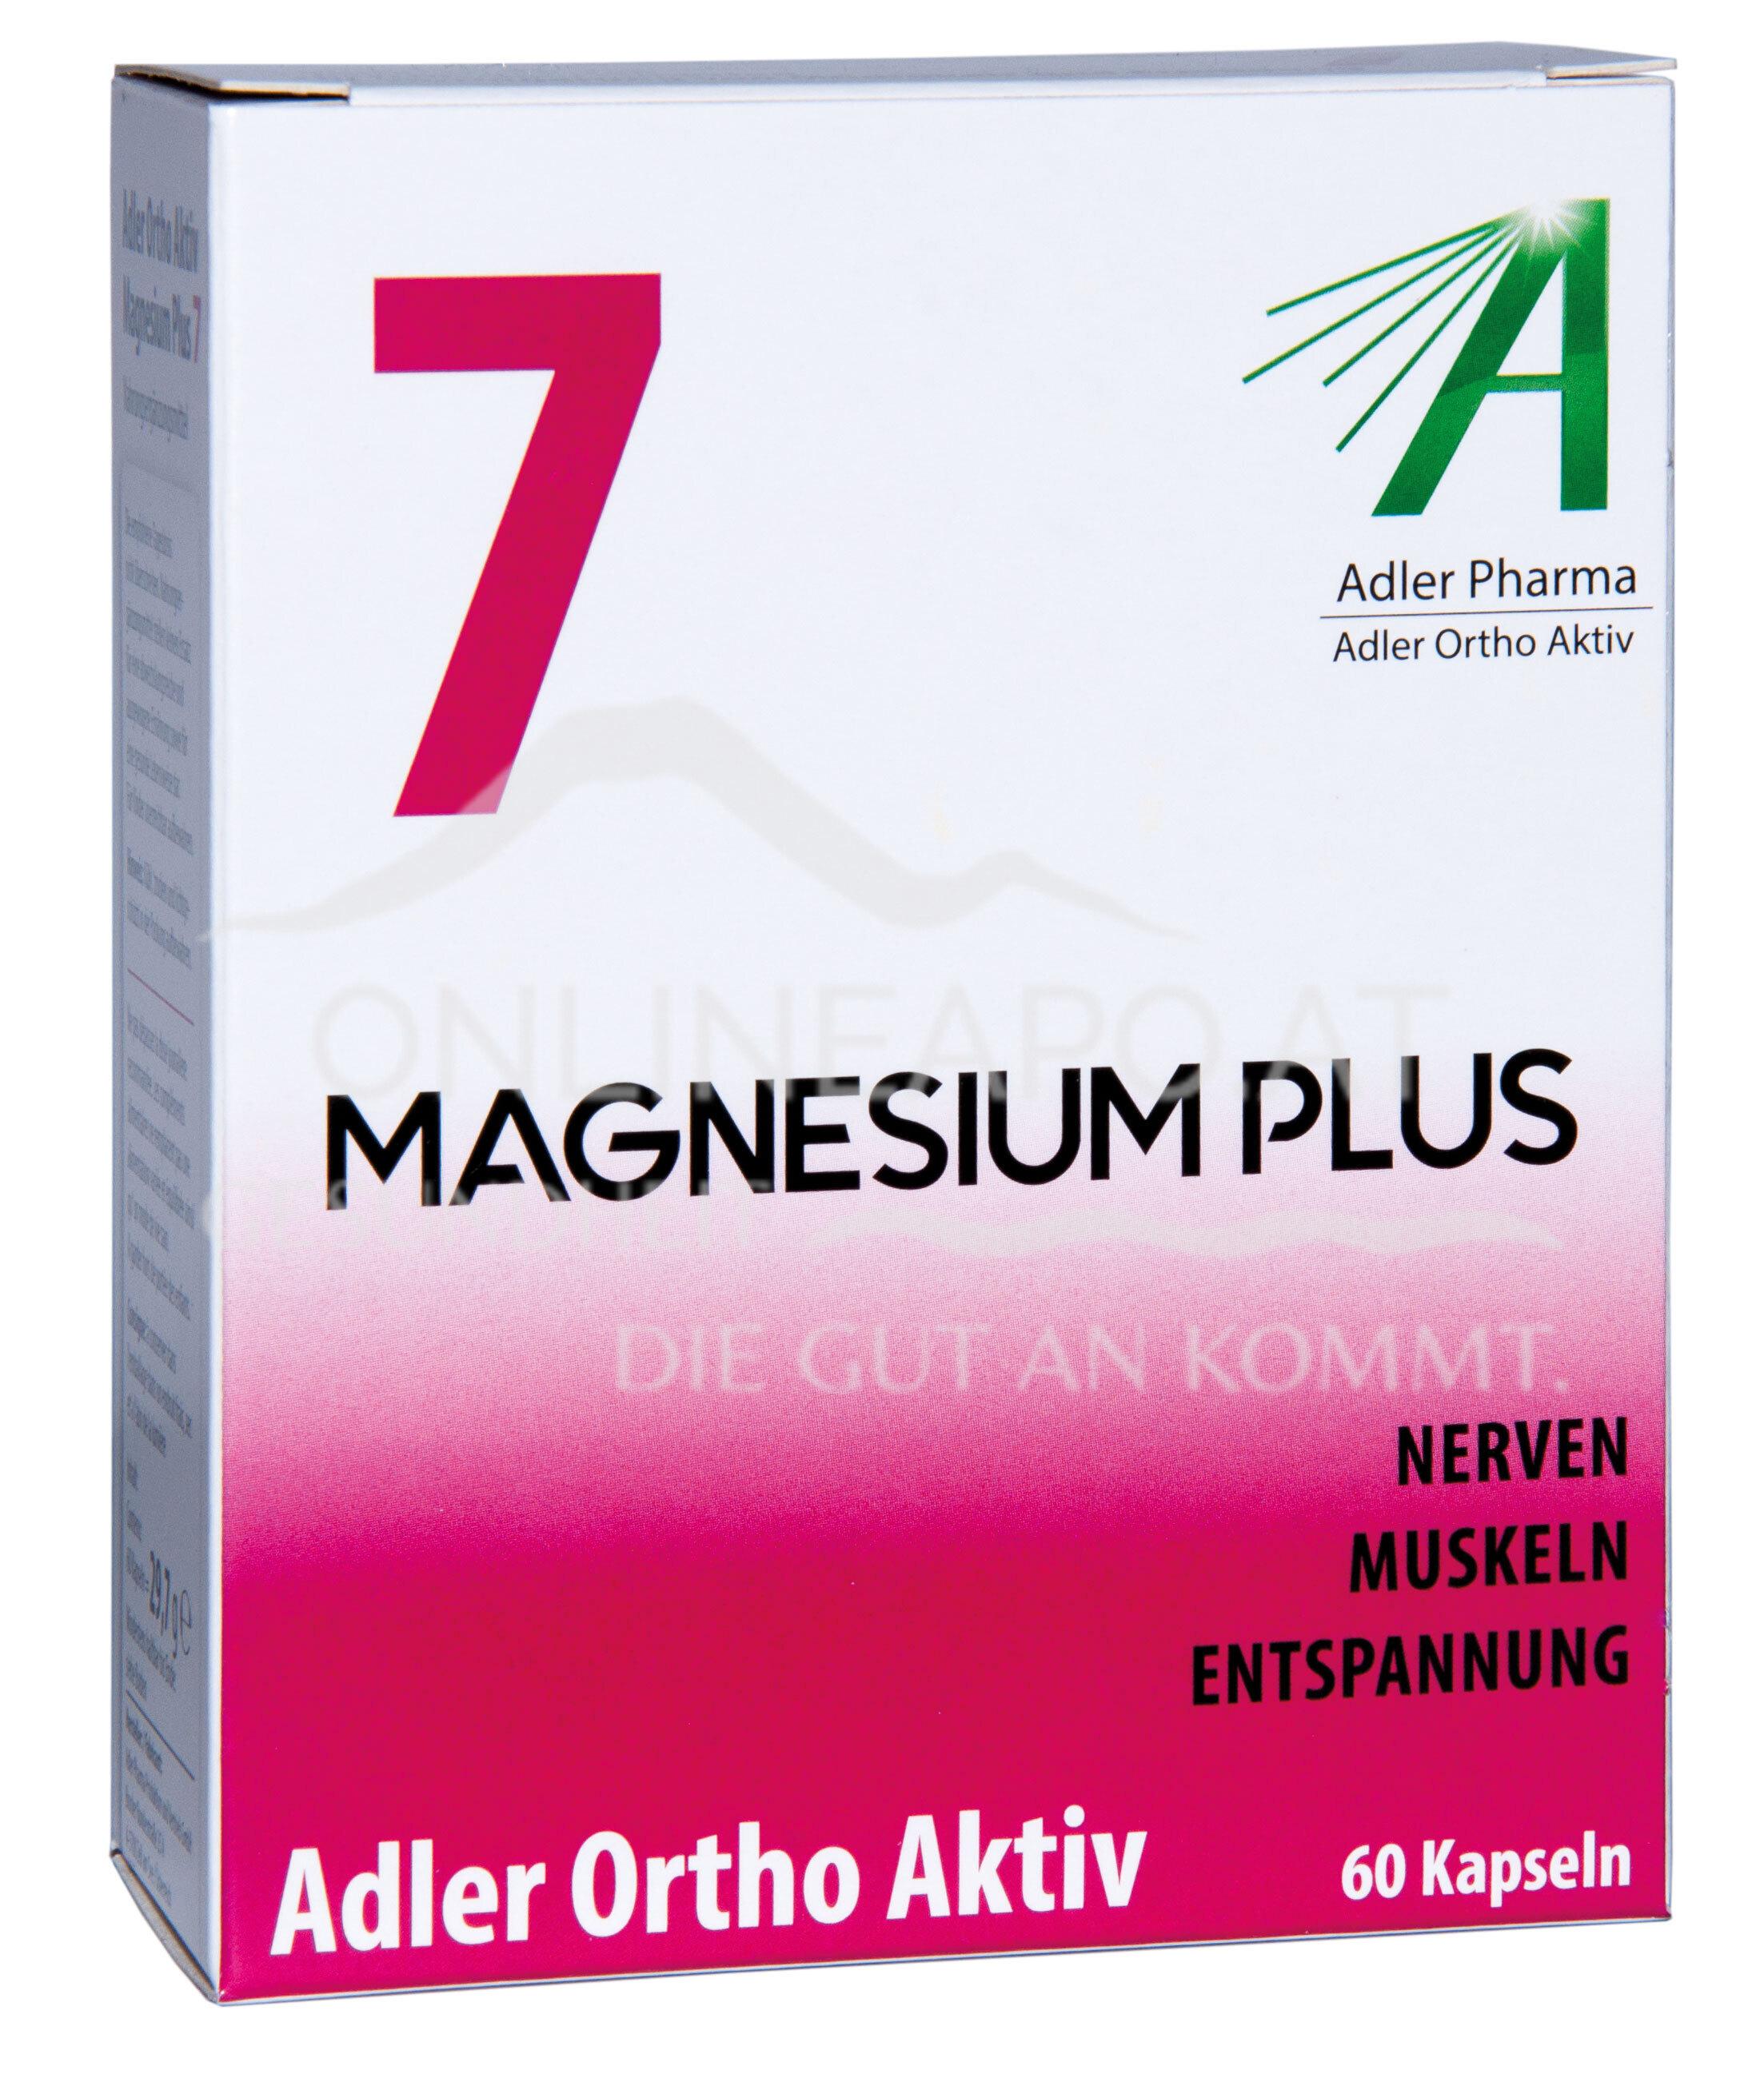 Adler Ortho Aktiv Nr. 7 Magnesium Plus